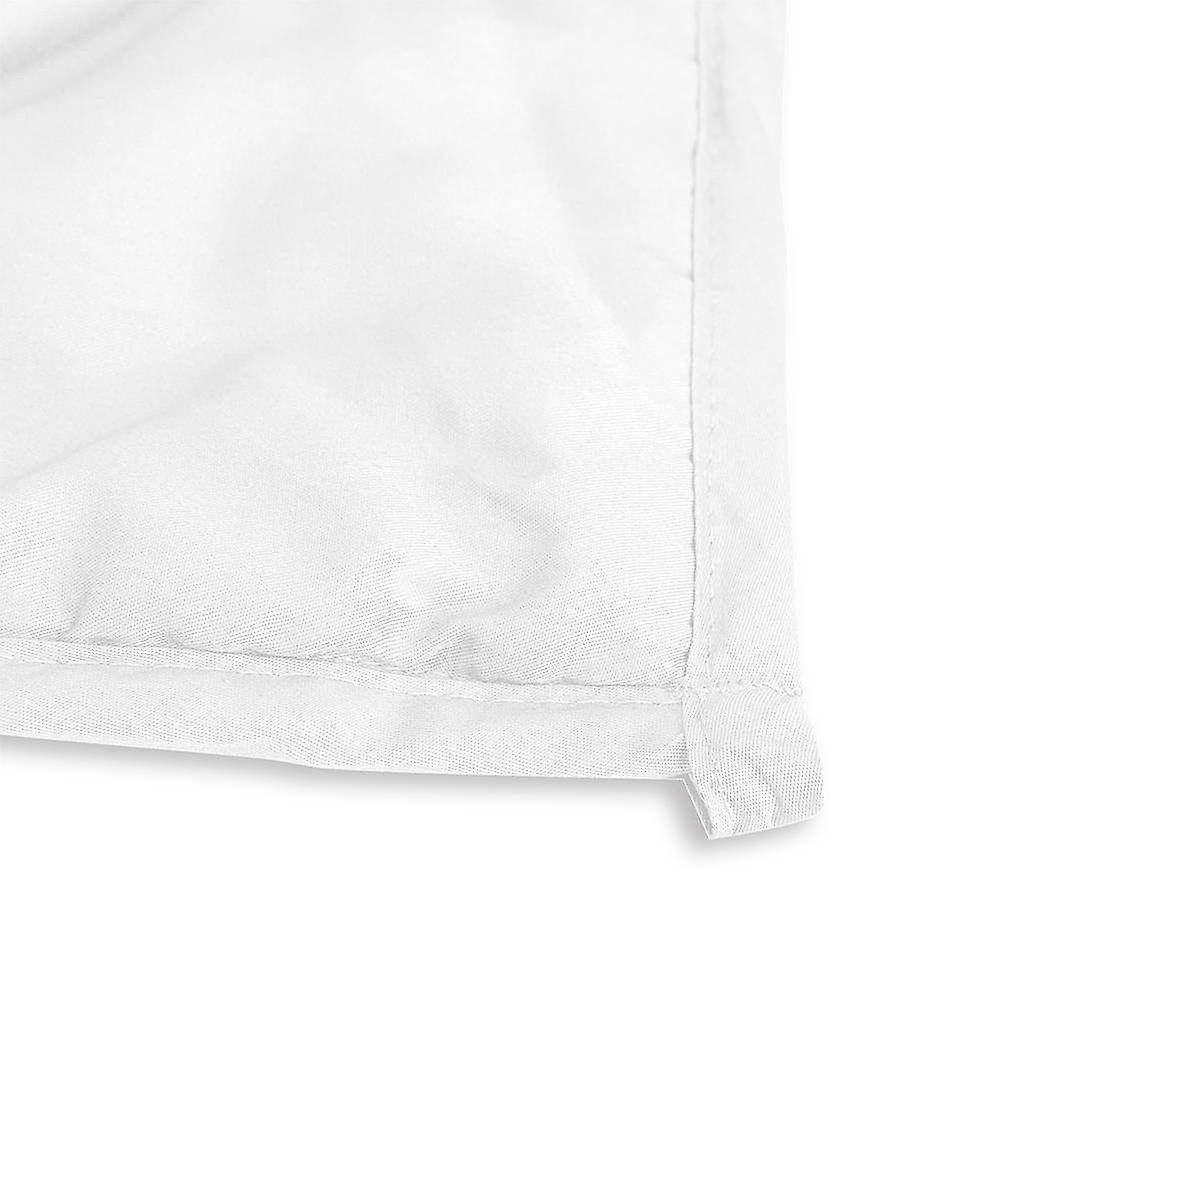 Beckasin Svalt Tyngdtäcke 7 kg Vit Bambu – Fritt från polyester